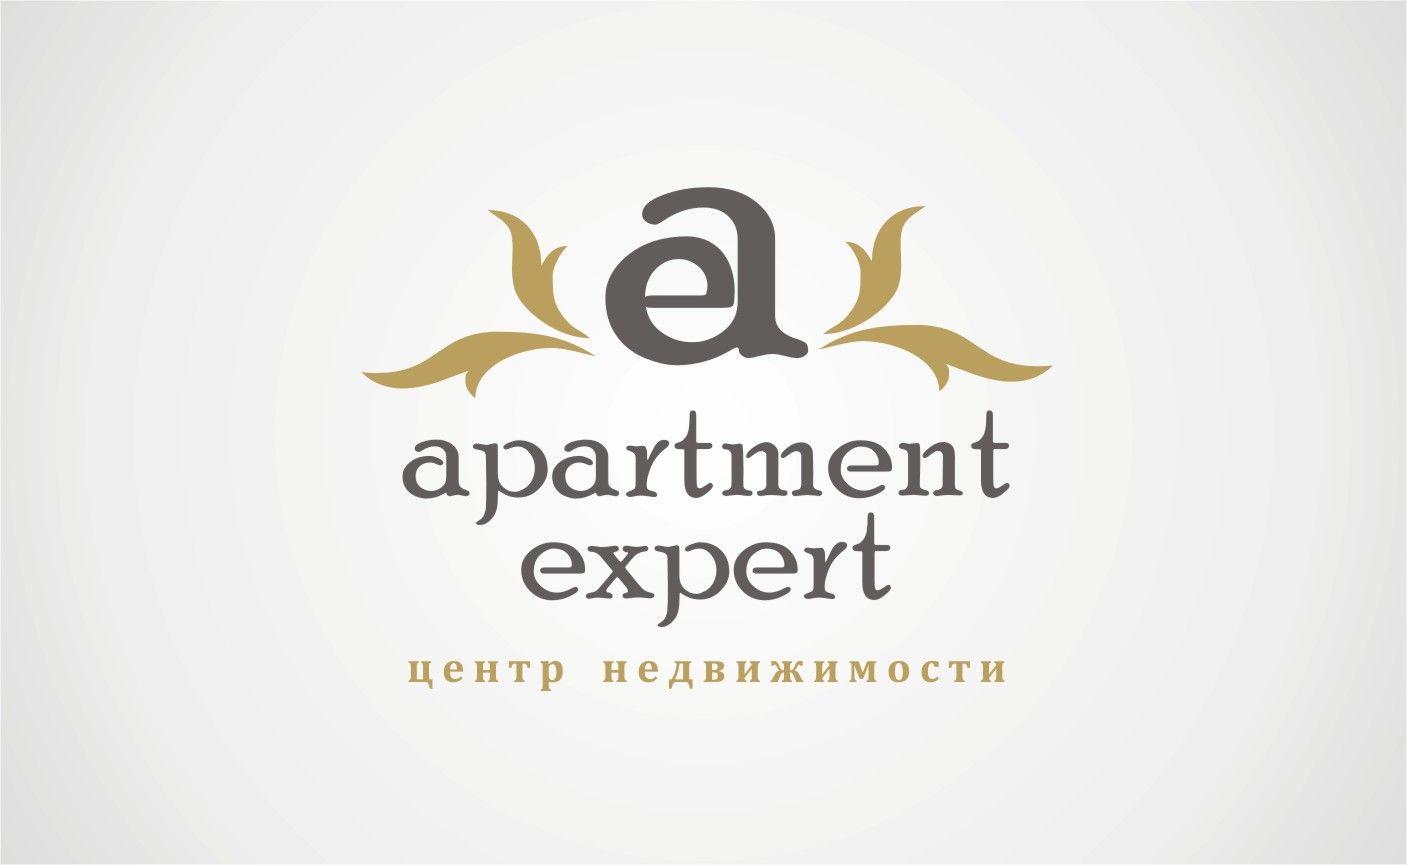 Логотип для APARTMENT EXPERT - ЦЕНТР НЕДВИЖИМОСТИ - дизайнер YolkaGagarina